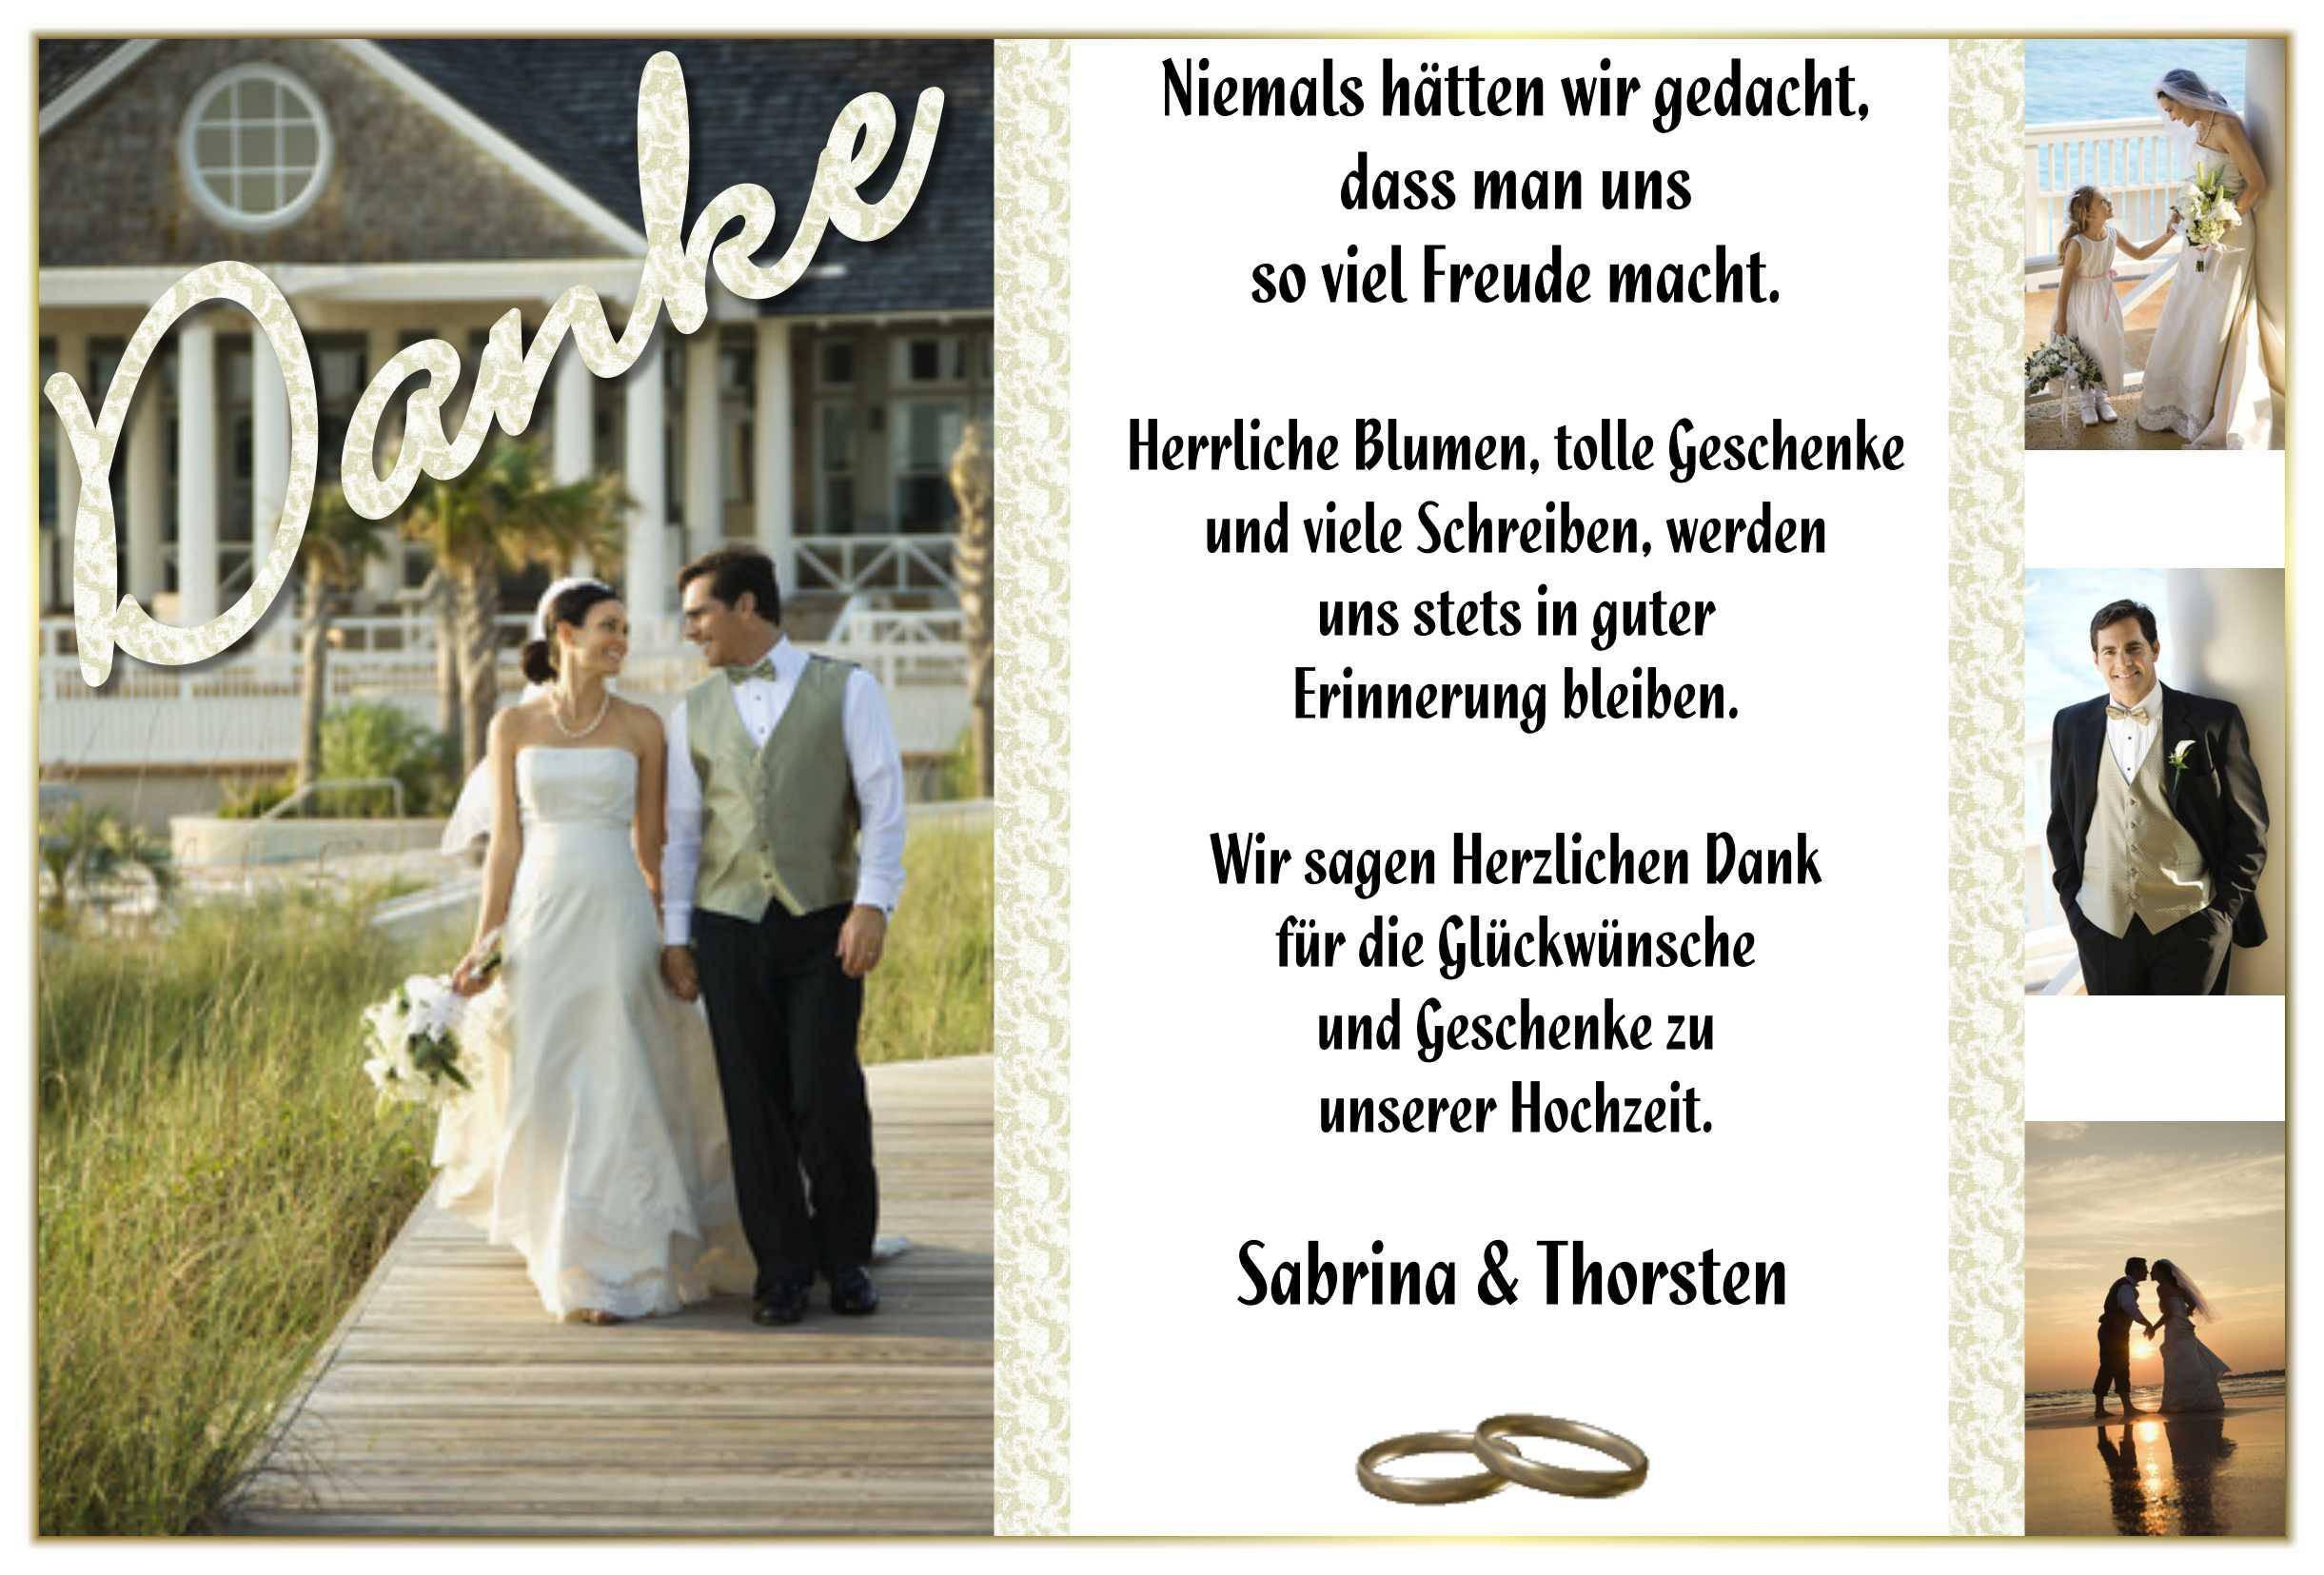 Dankeskarte Hochzeit Text  Dankeskarten Hochzeit Text Hochzeit Danksagung Text